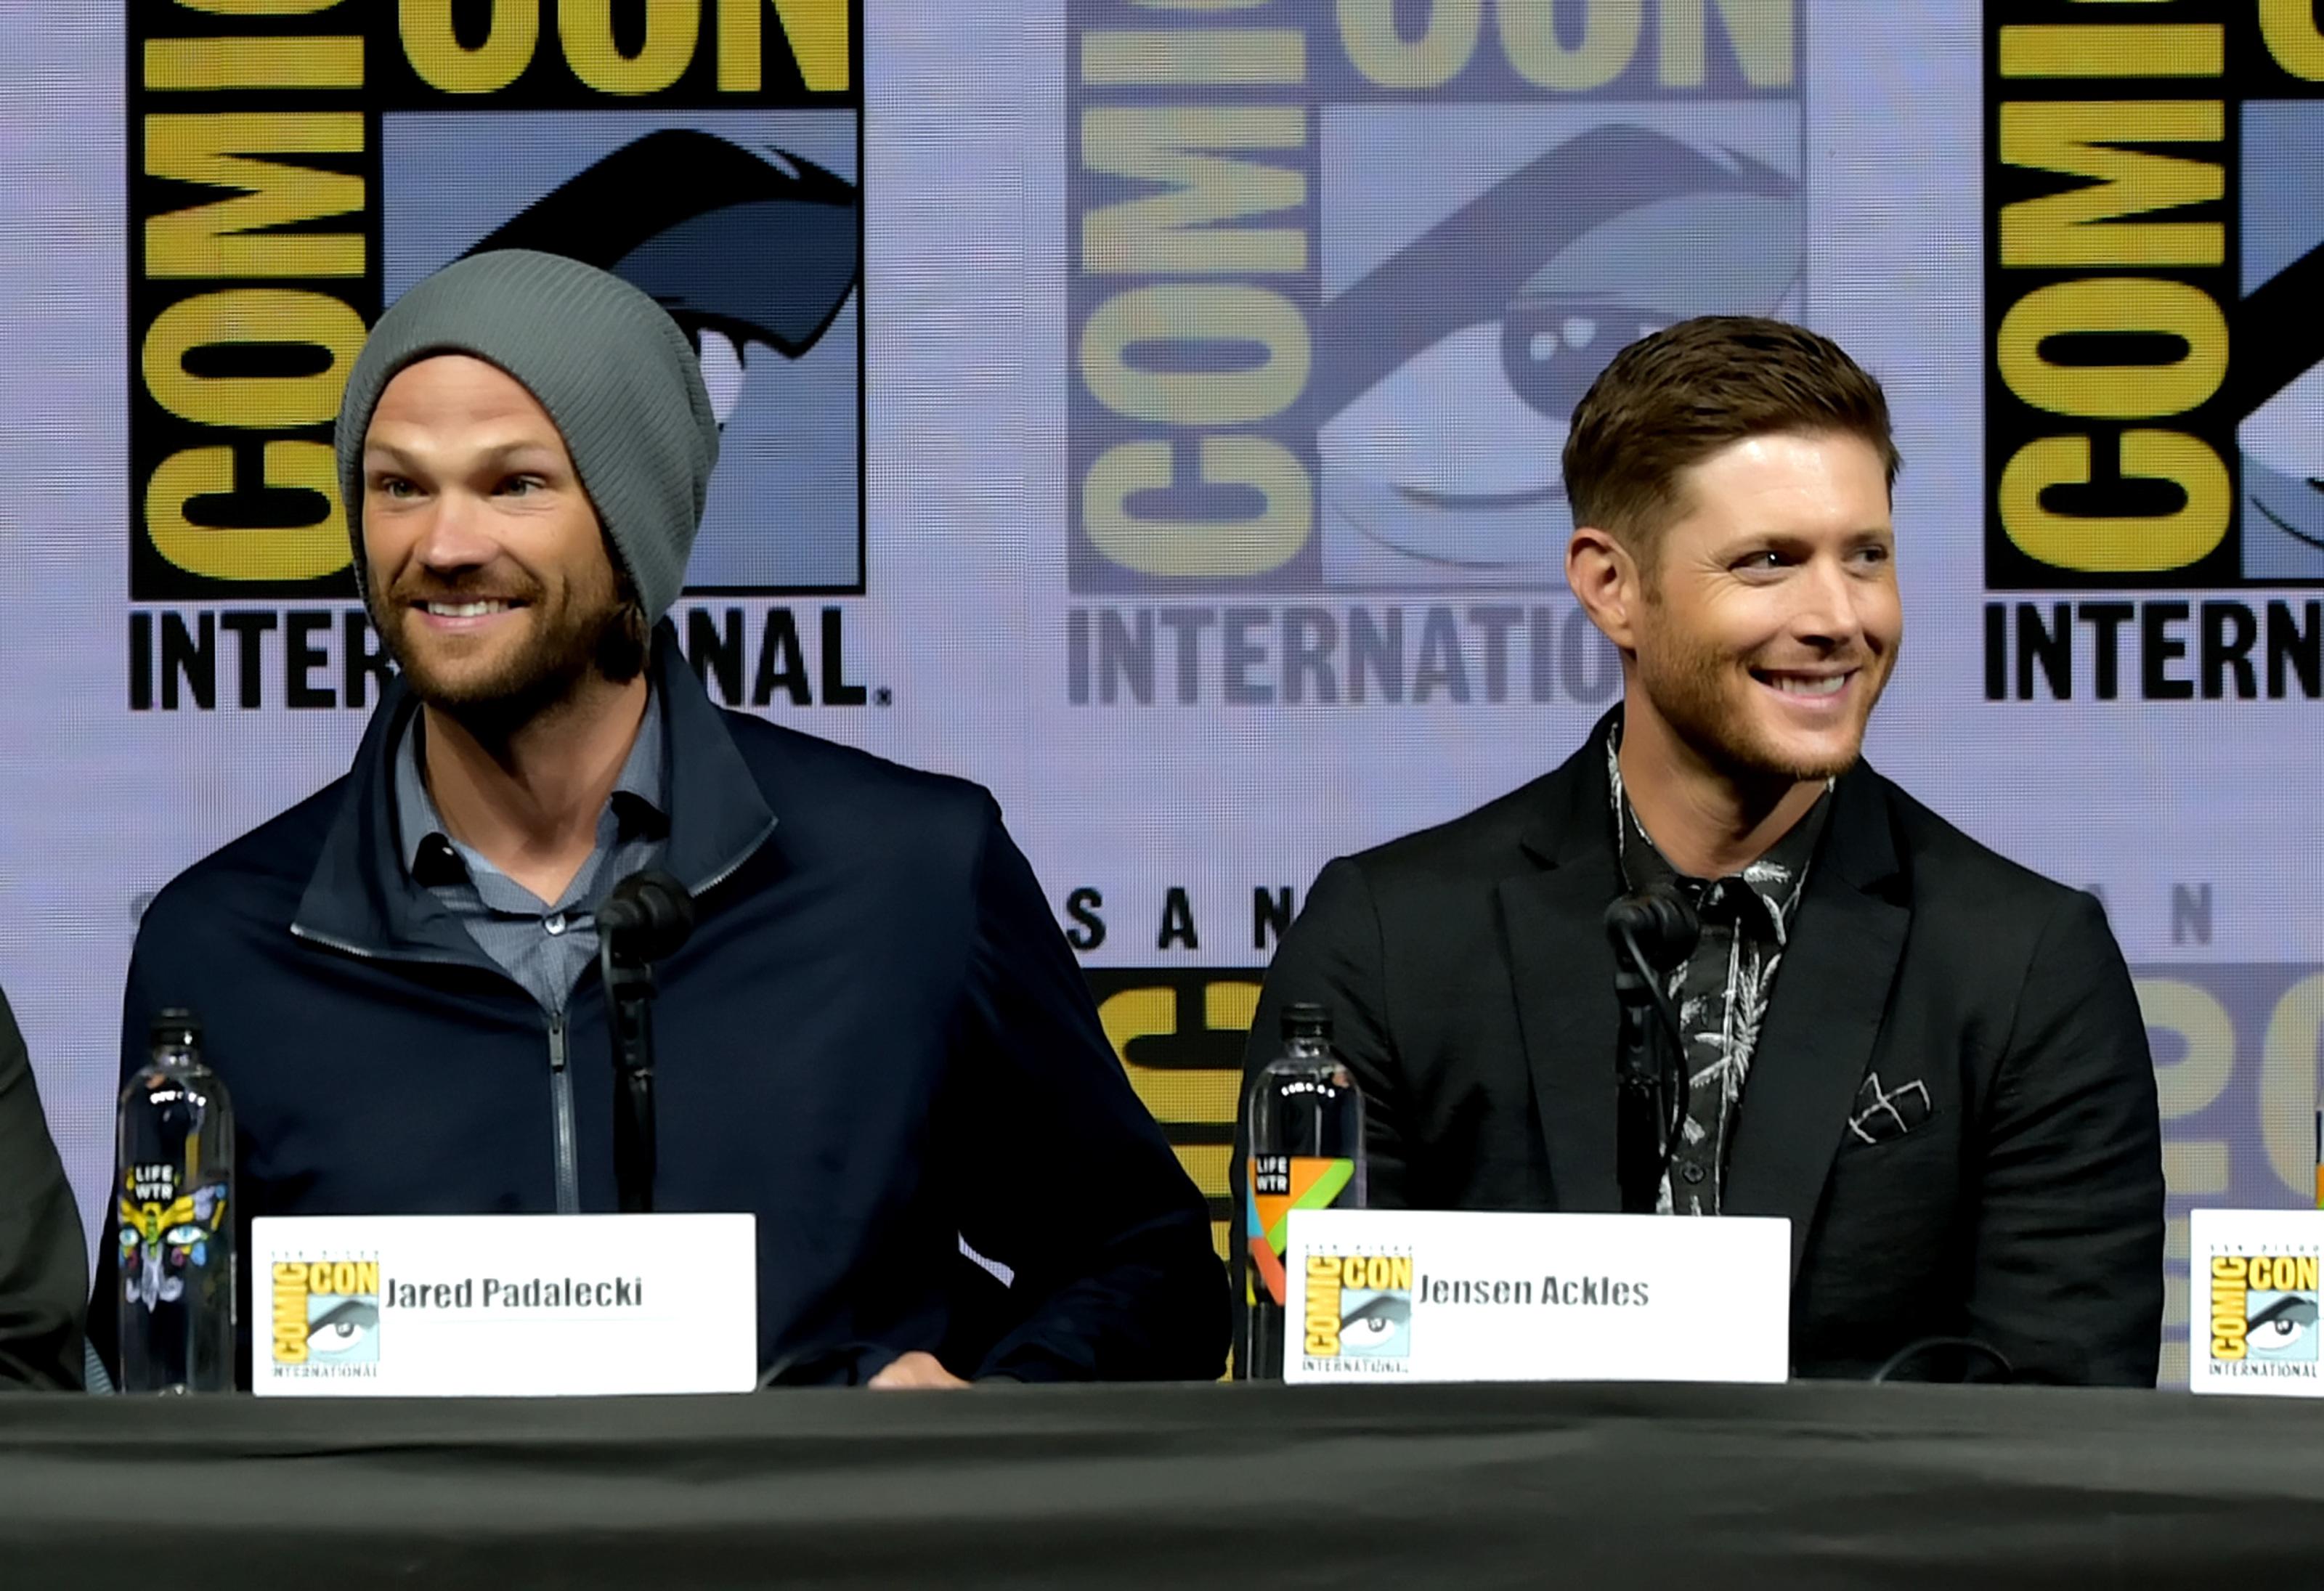 2018 jared padalecki Supernatural: Jensen